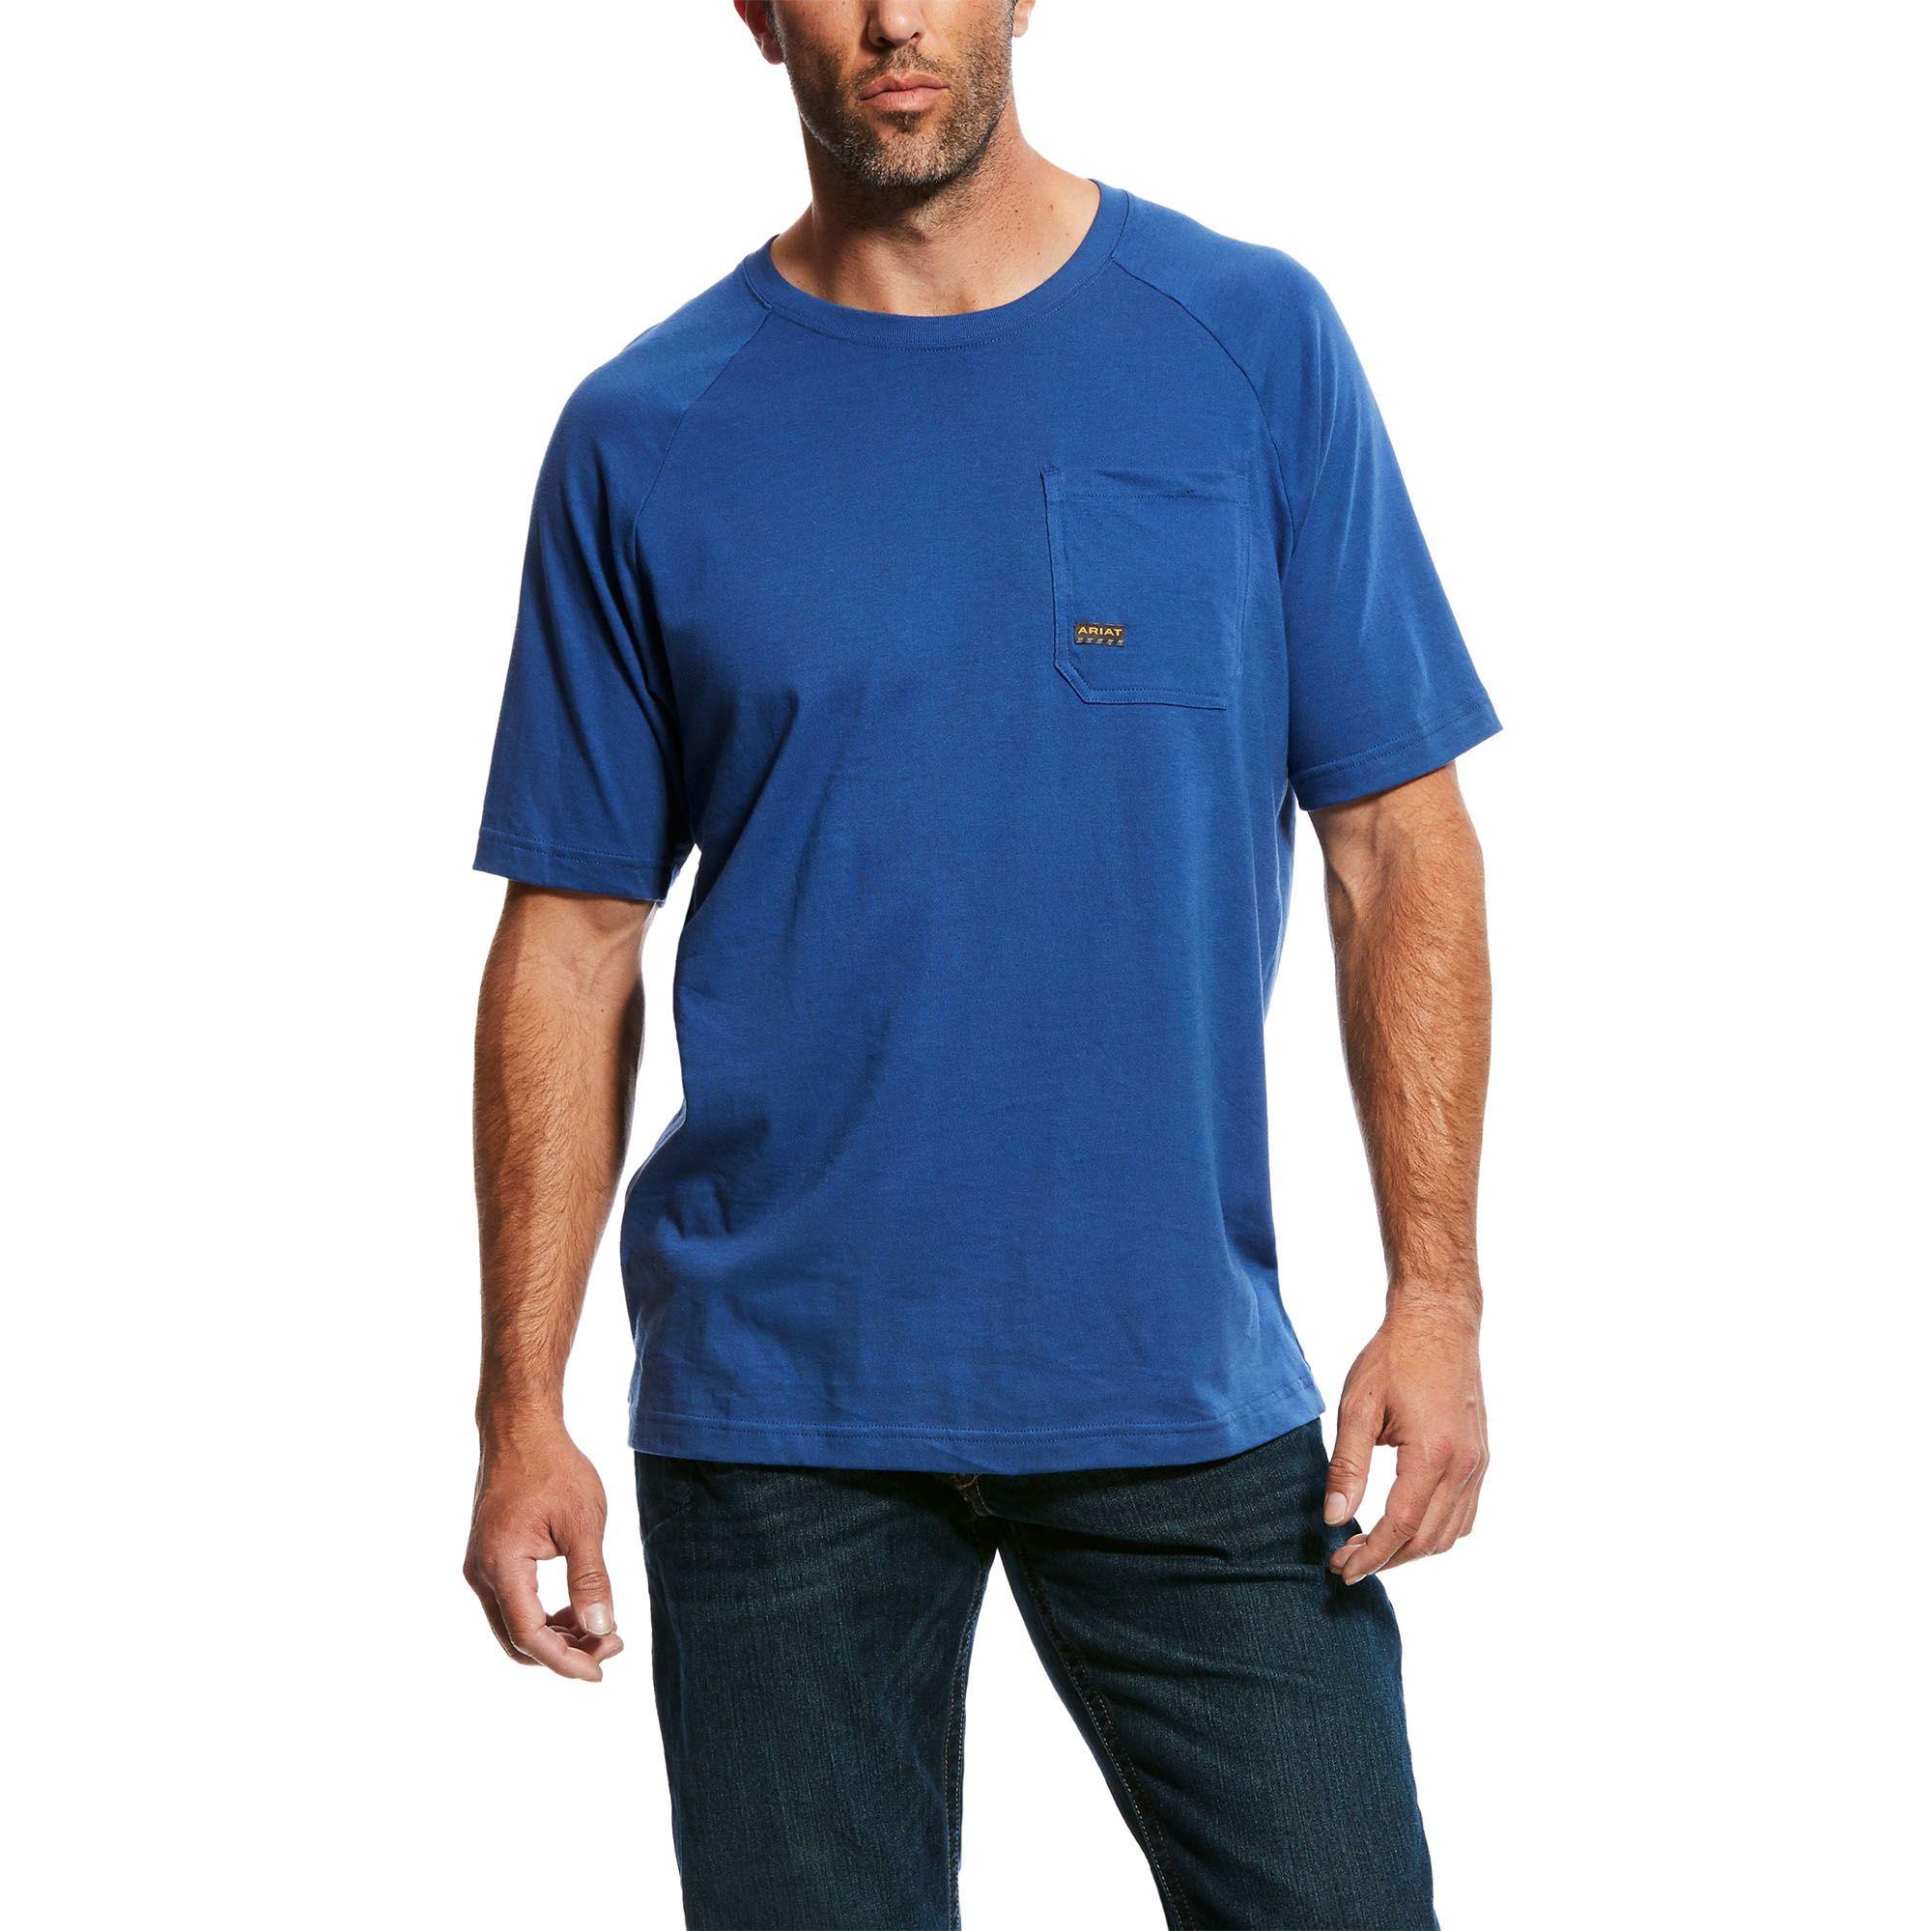 Rebar Cotton Strong T Shirt T Shirt Men Mens Tops